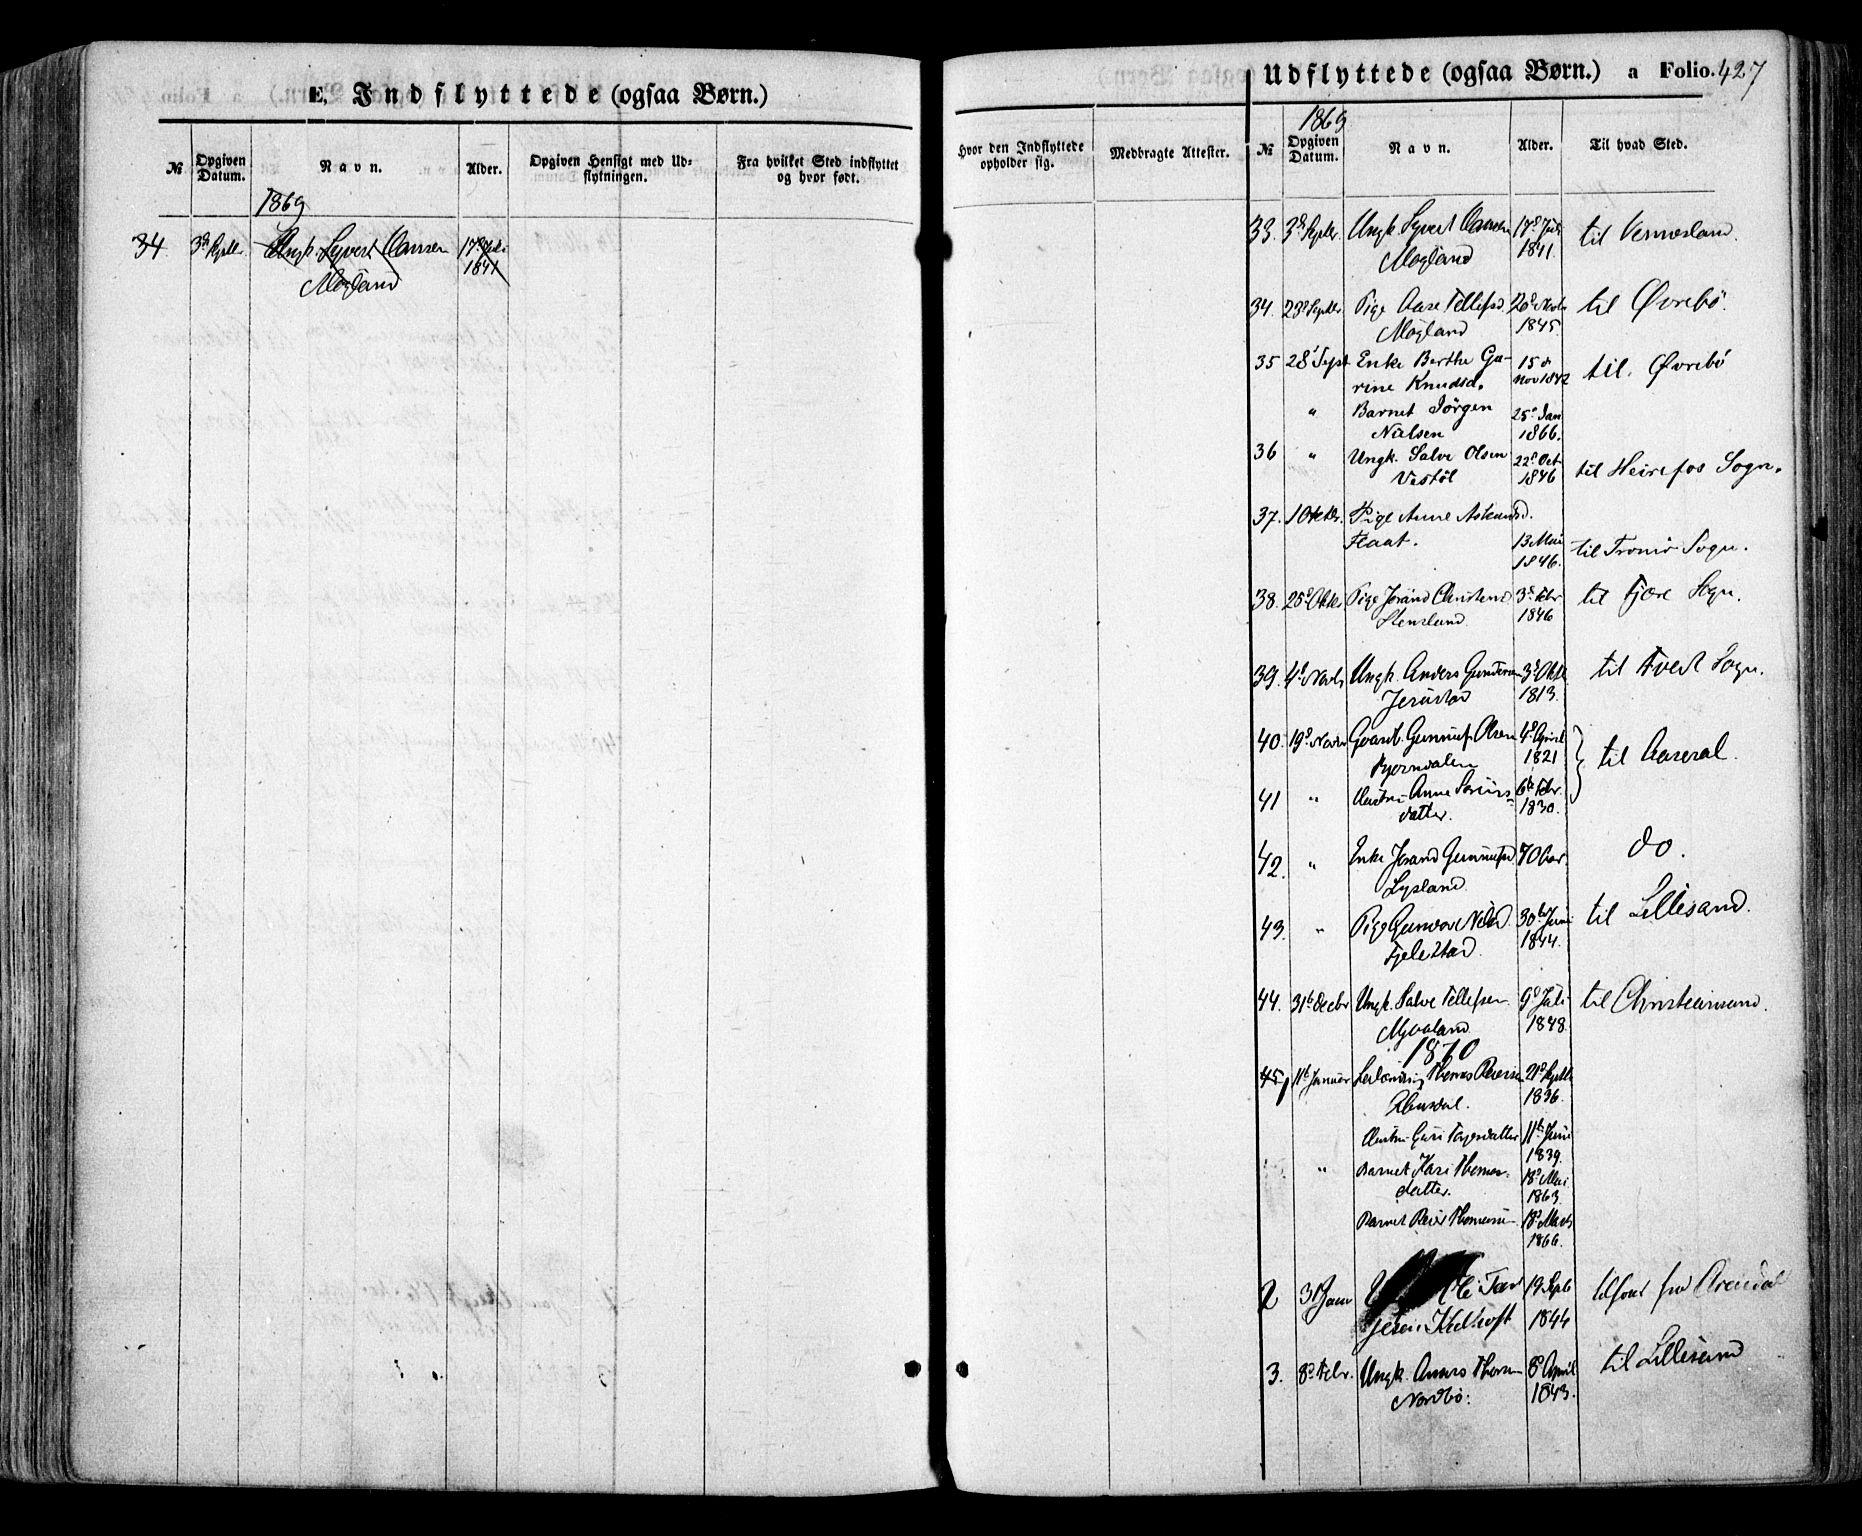 SAK, Evje sokneprestkontor, F/Fa/Faa/L0006: Ministerialbok nr. A 6, 1866-1884, s. 427